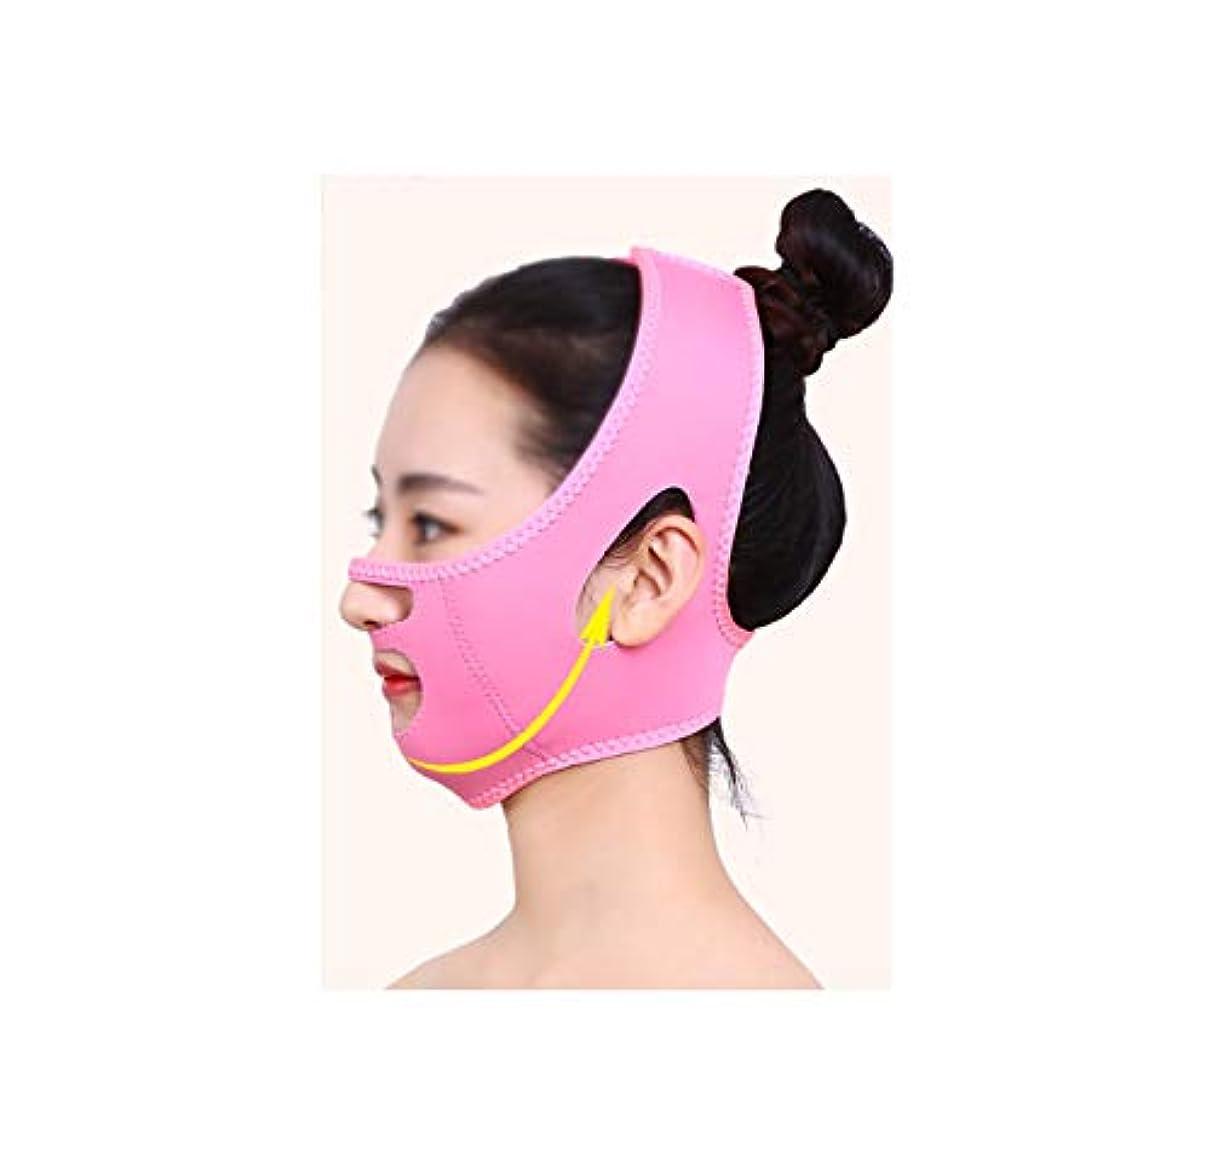 気取らない不良雪TLMY 薄い顔マスクマスク顔機美容機器ローラー顔薄い顔Vフェイスマスク二重あご包帯アーティファクト 顔用整形マスク